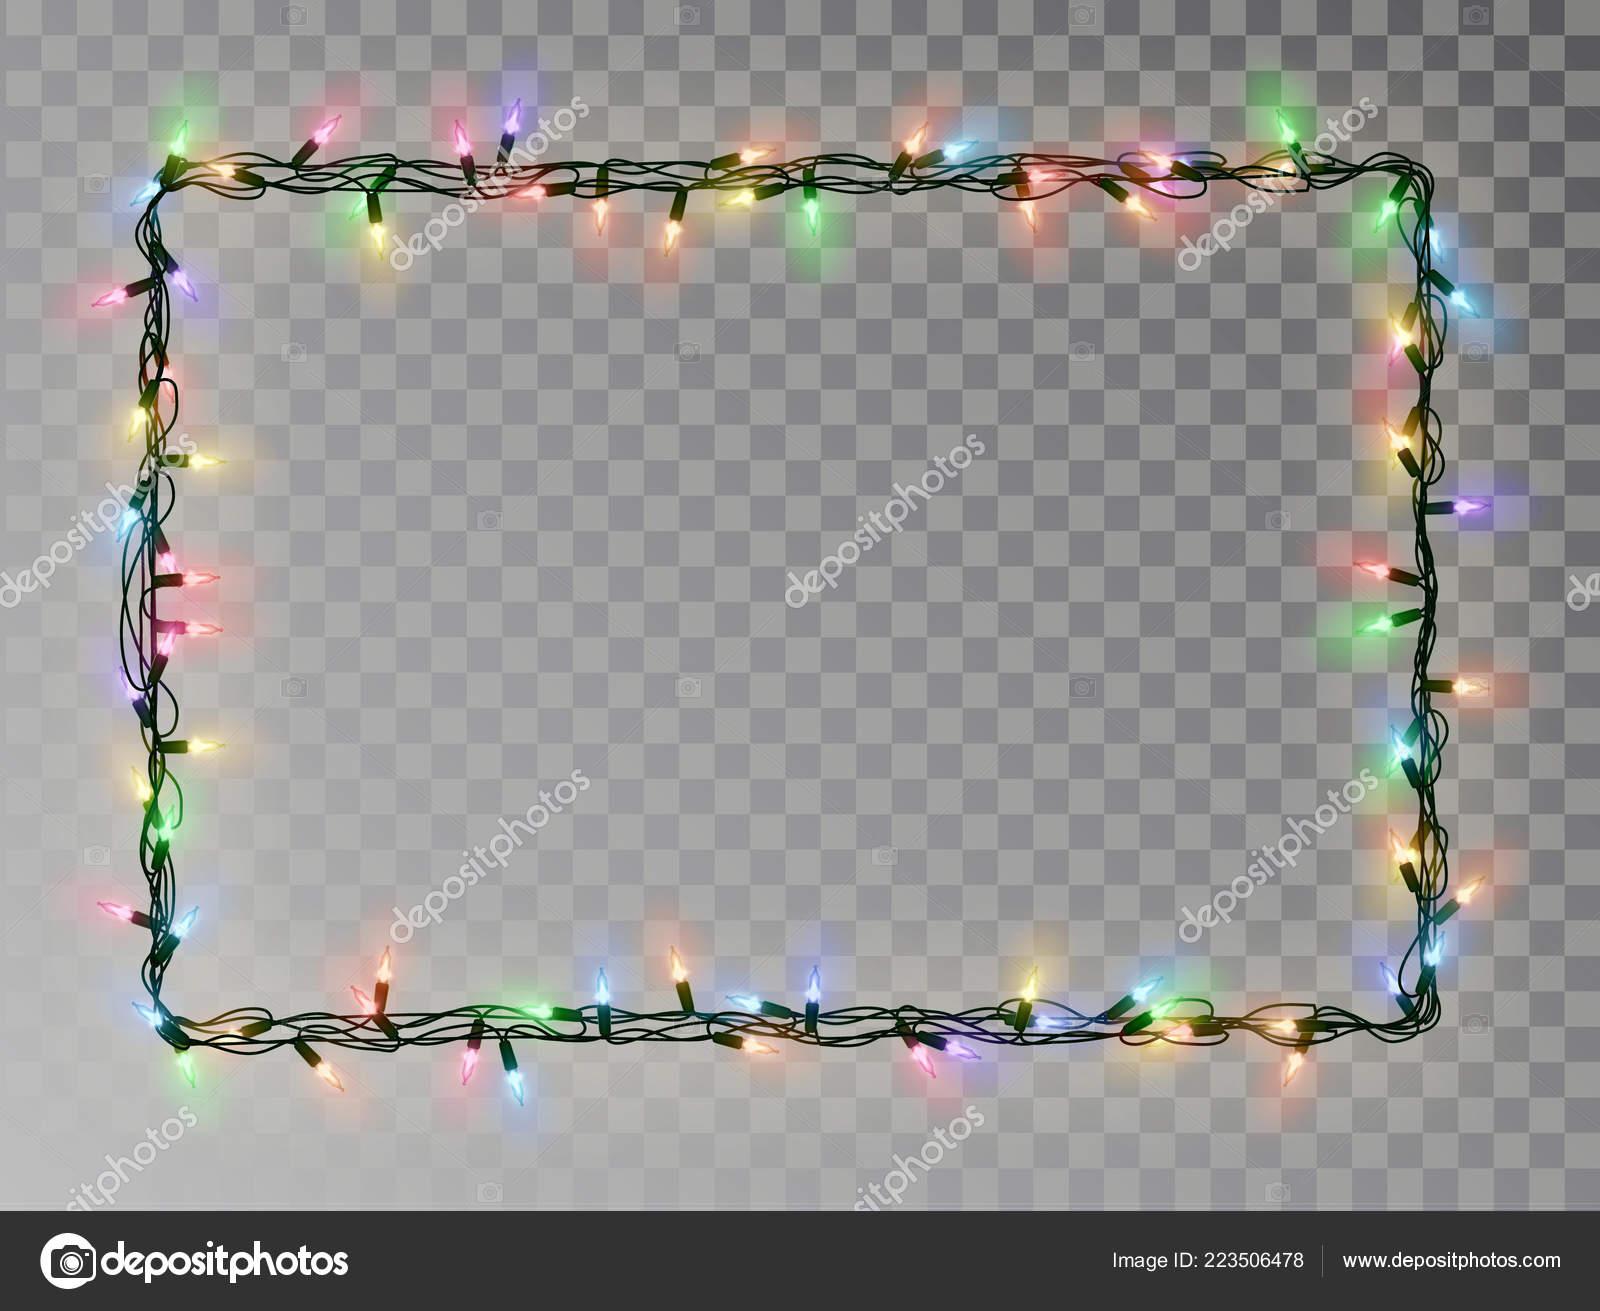 Christmas Light Border.Christmas Lights Border Vector Light String Frame Isolated